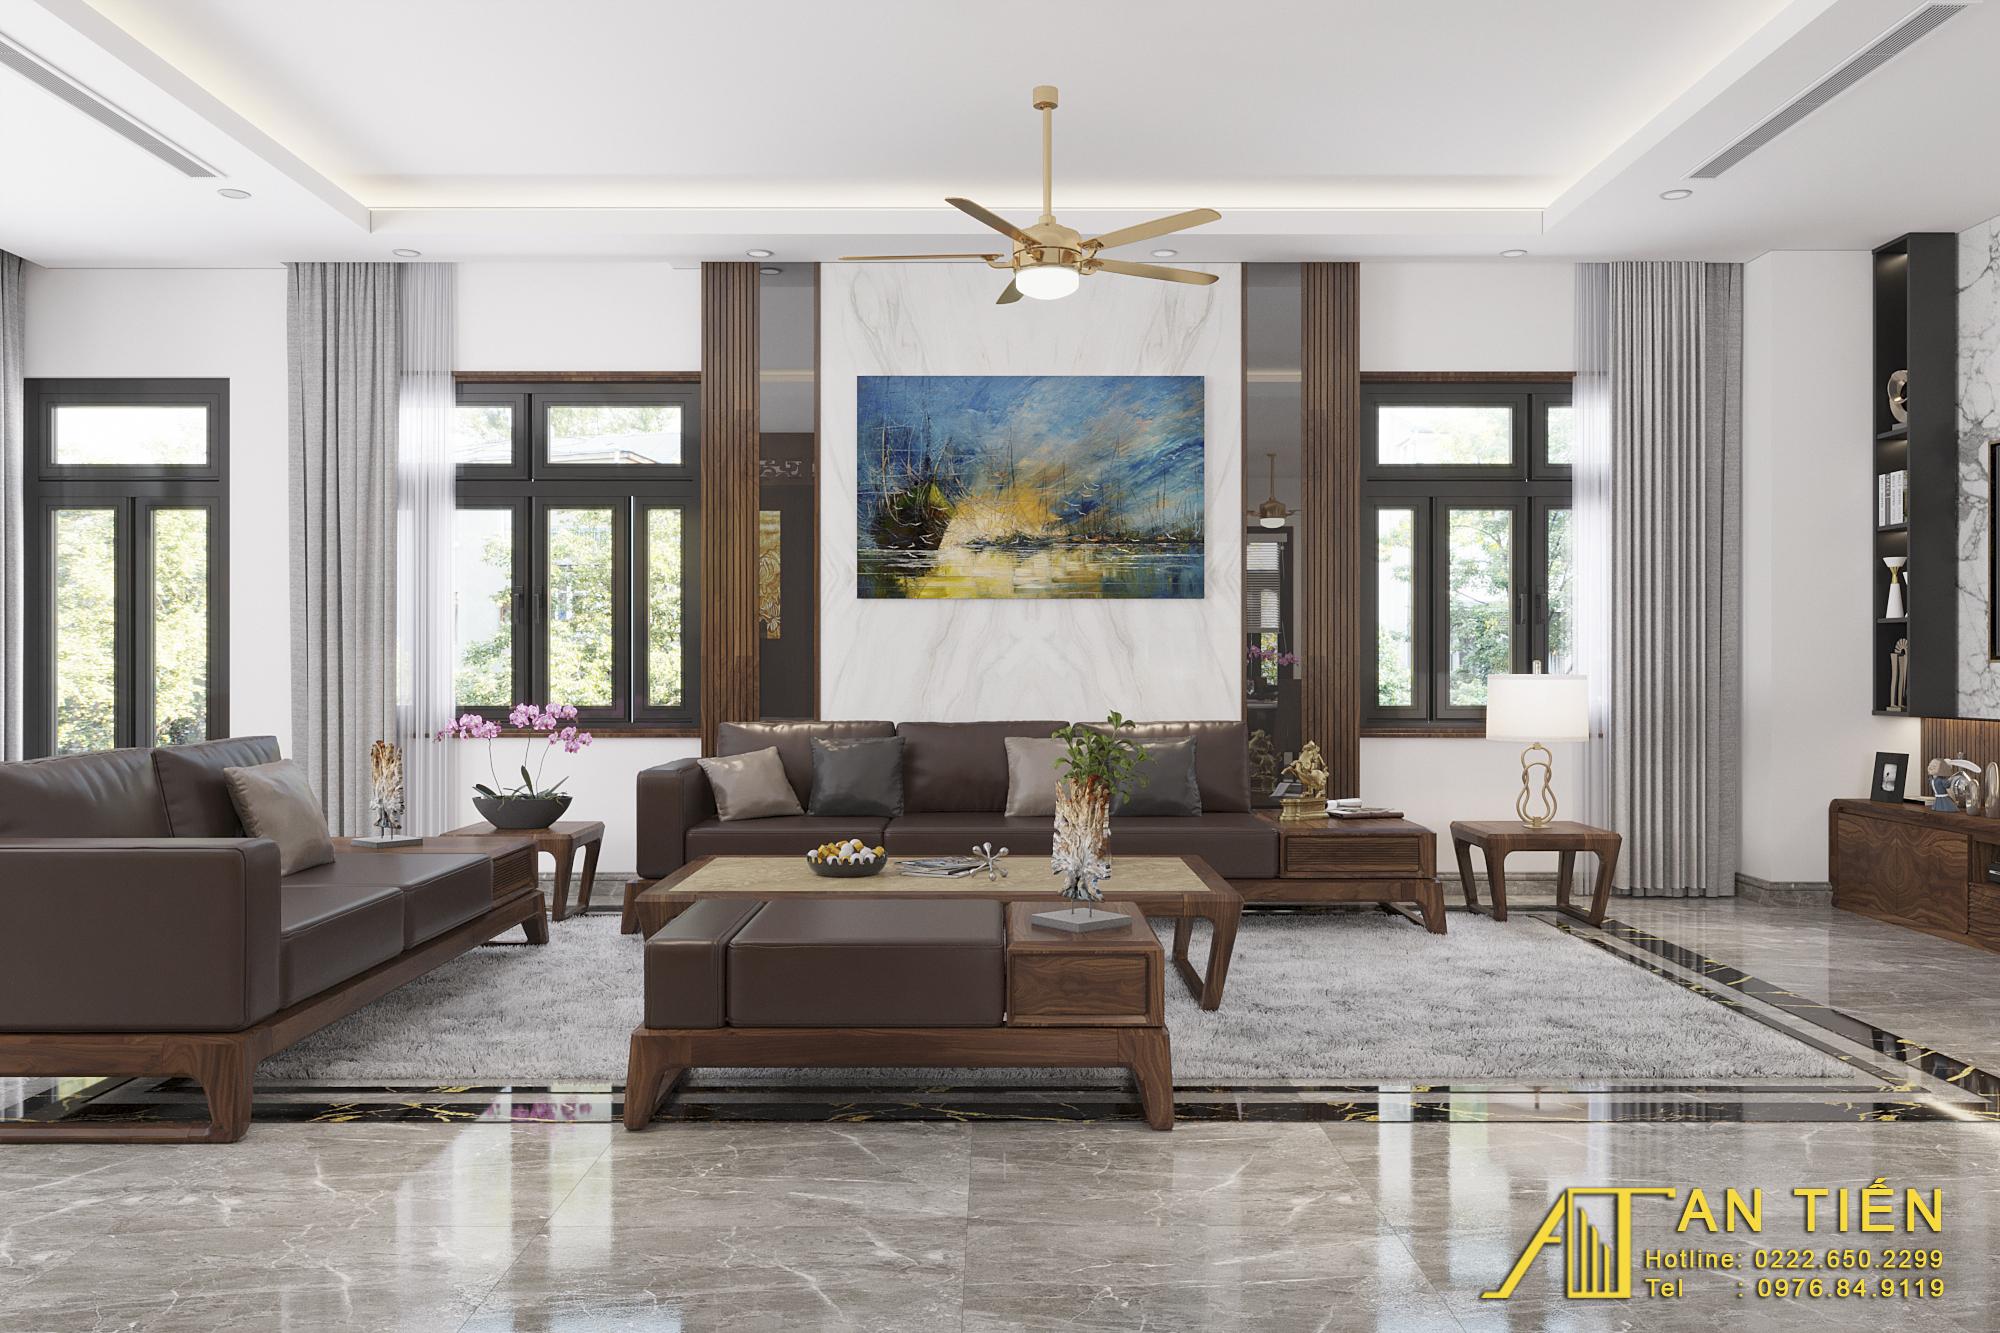 Thiết kế nội thất Biệt Thự tại Bắc Ninh Biệt thự phong cách đồng gia 1625737879 1